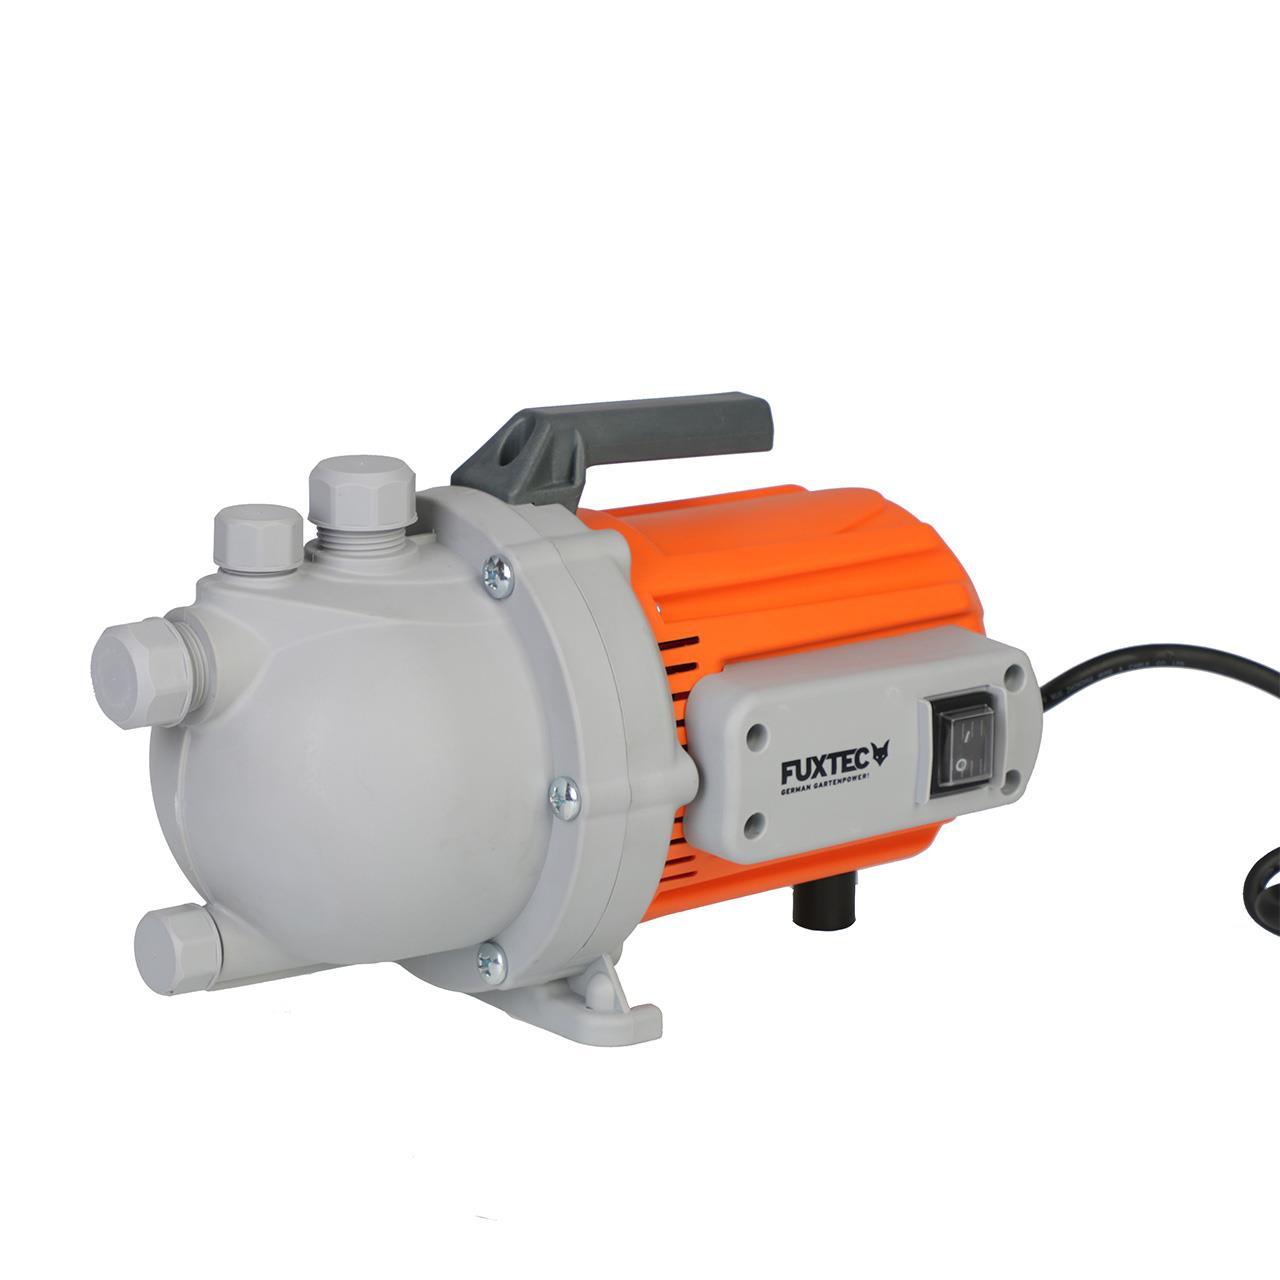 FUXTEC Gartenpumpe FX-GP1800